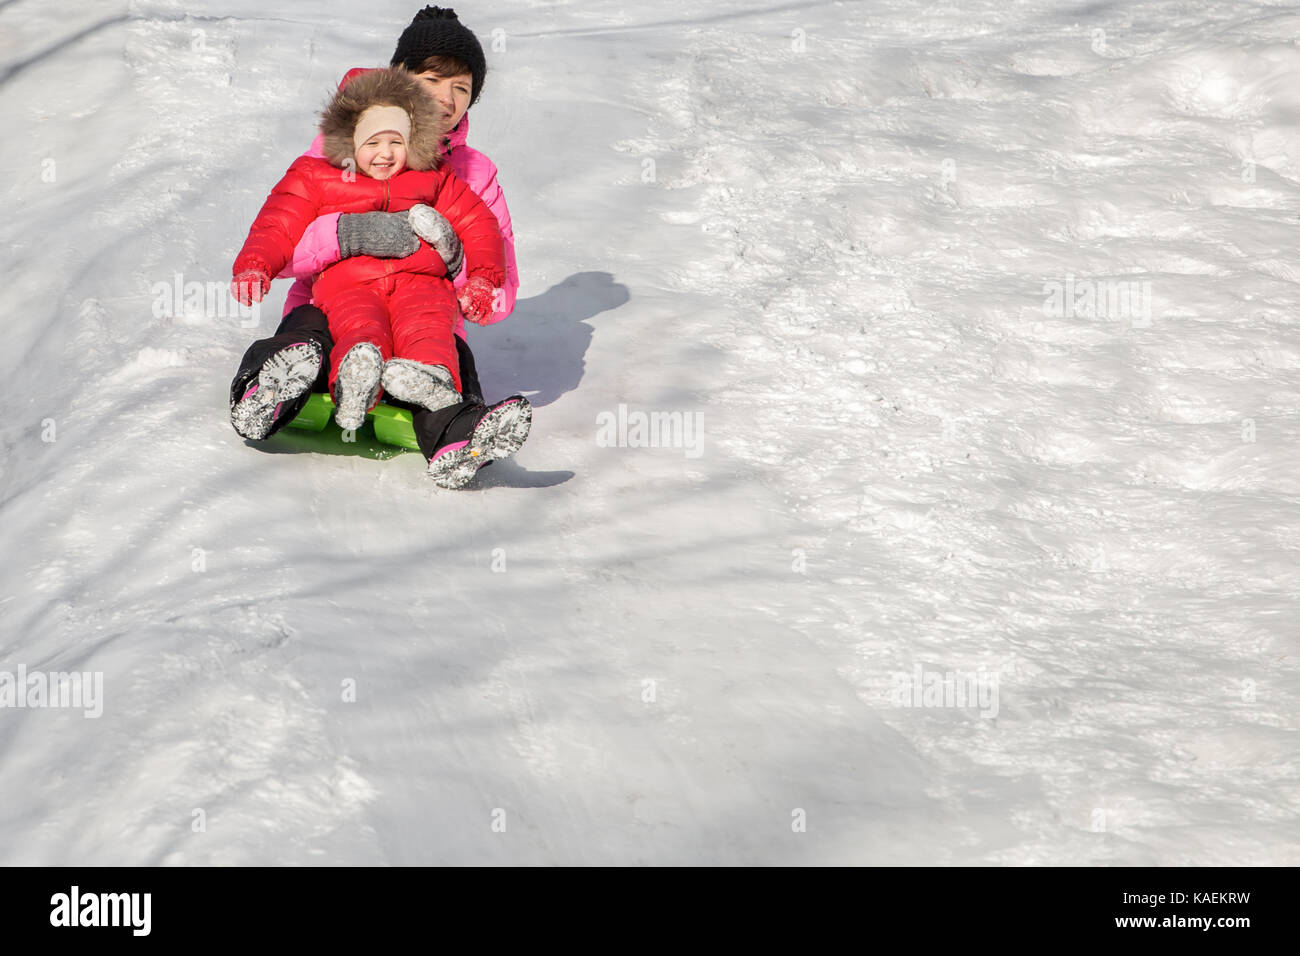 Feliz madre y su hija disfrutando de un paseo en trineo abajo de las colinas, juegos de invierno y diversión. Imagen De Stock